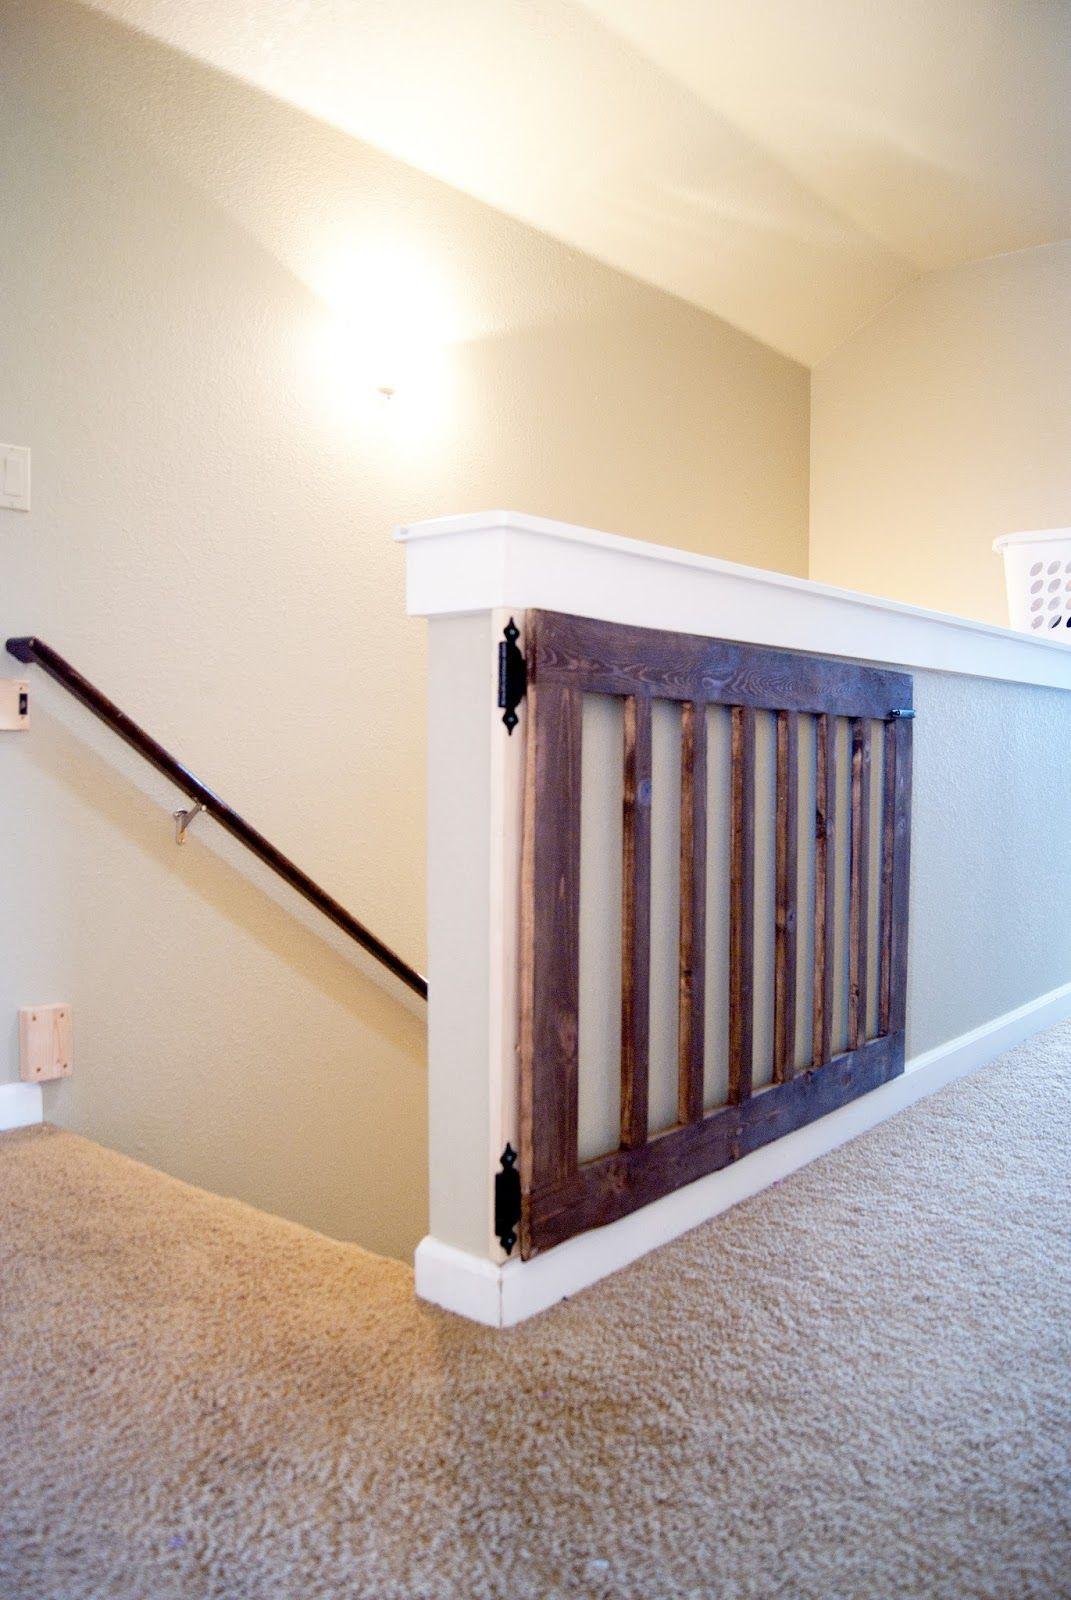 Custom Baby Gate Custom baby gates, Diy baby gate, Baby